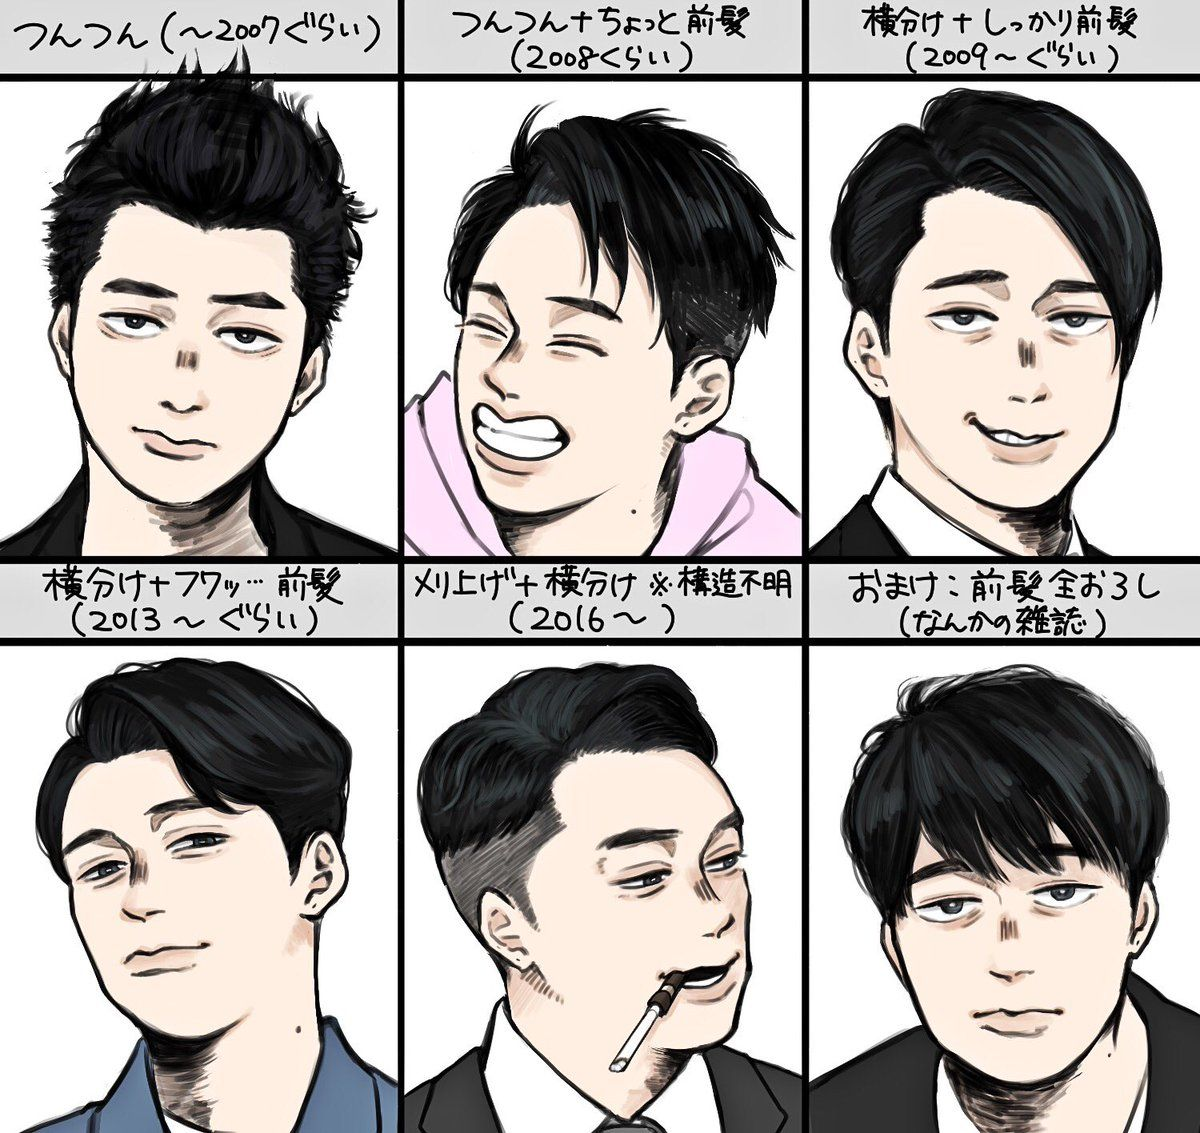 最高の壁紙 【ベスト】 イケメン イラスト Naver【2019